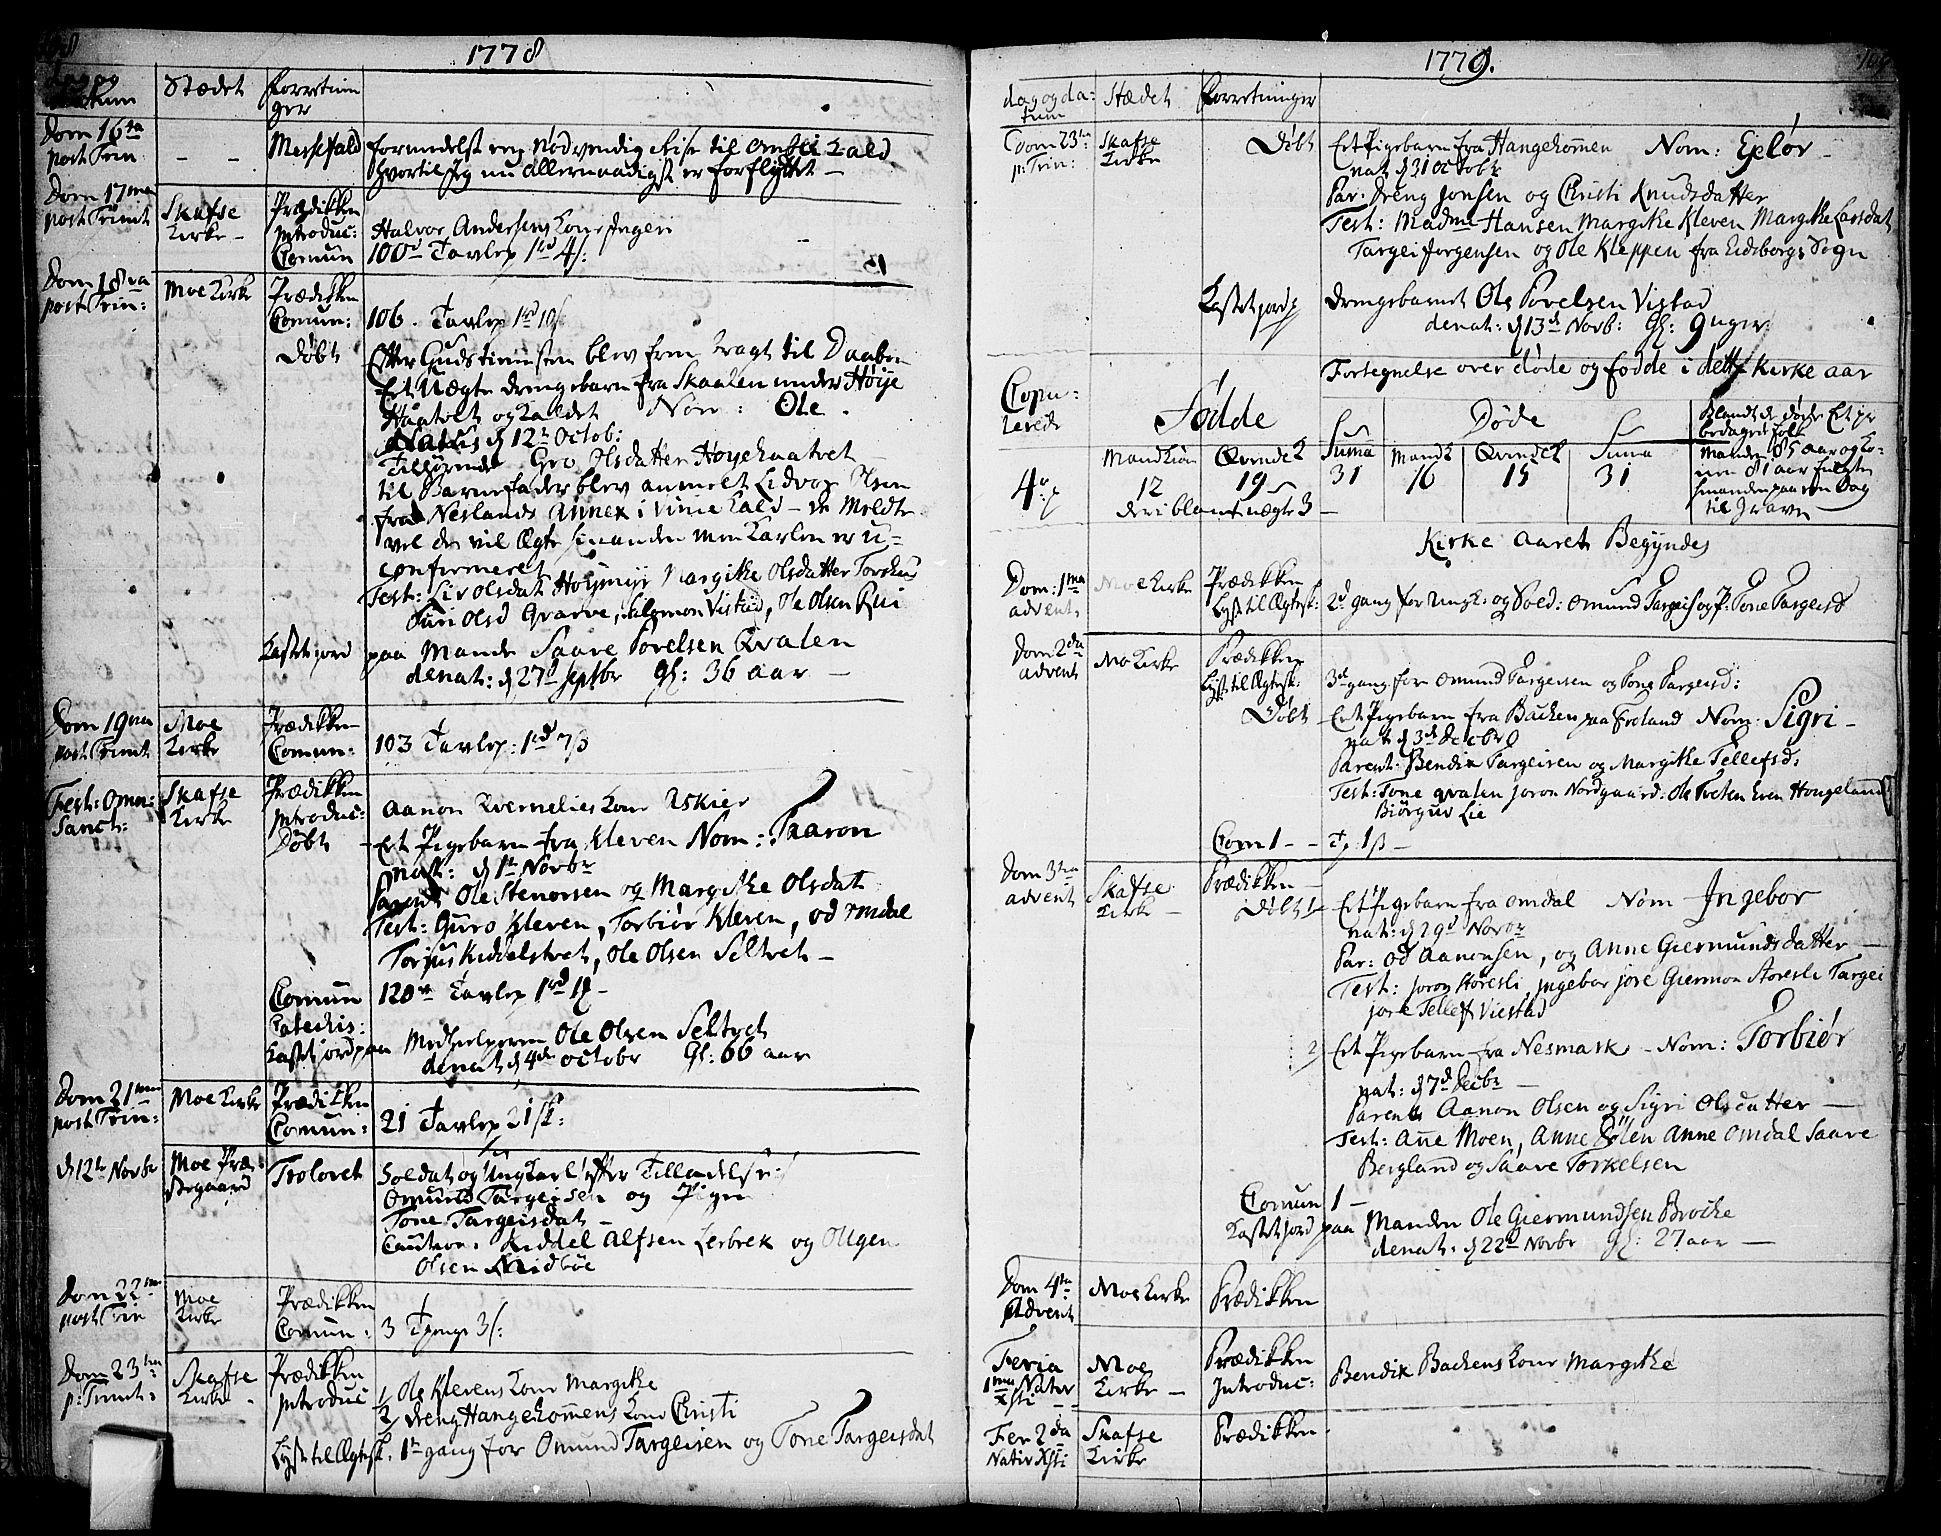 SAKO, Mo kirkebøker, F/Fa/L0002: Ministerialbok nr. I 2, 1766-1799, s. 108-109